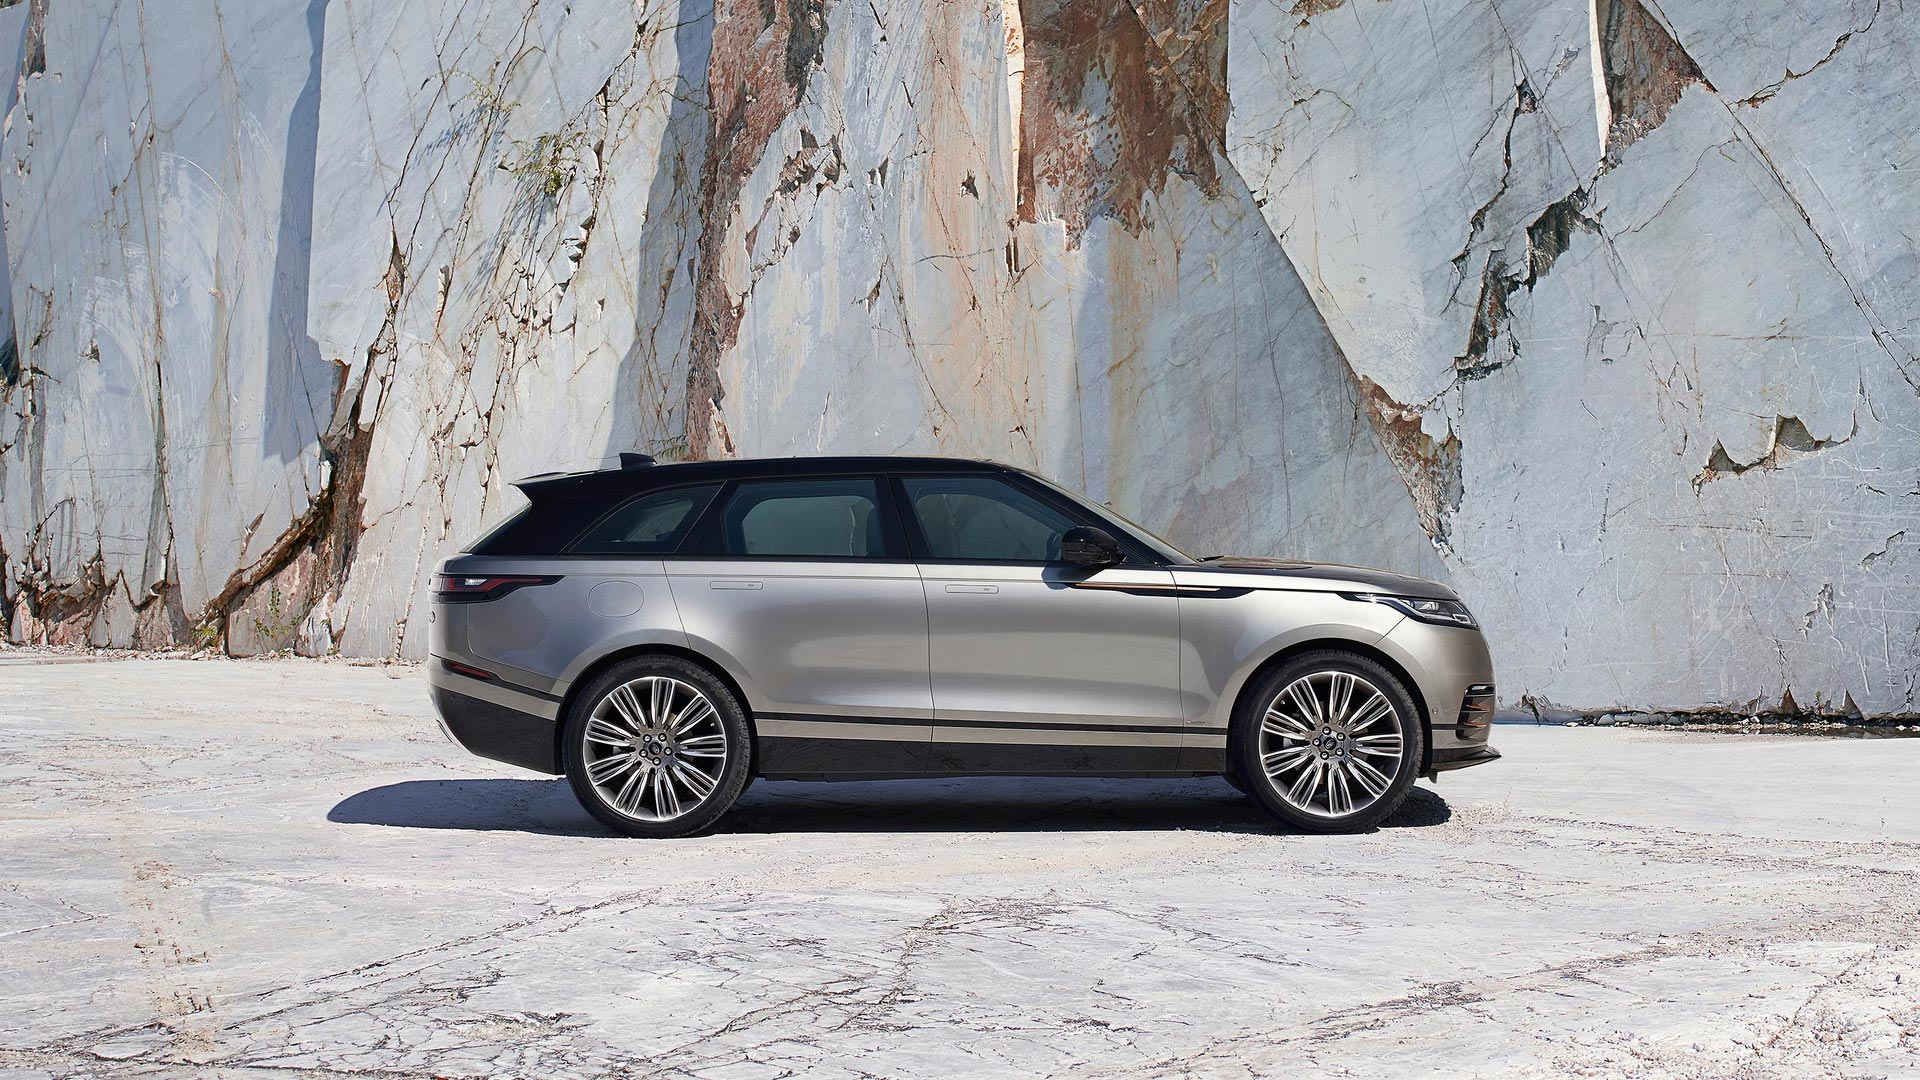 range rover velar unveiled priced at 44 830 otr autodevot. Black Bedroom Furniture Sets. Home Design Ideas